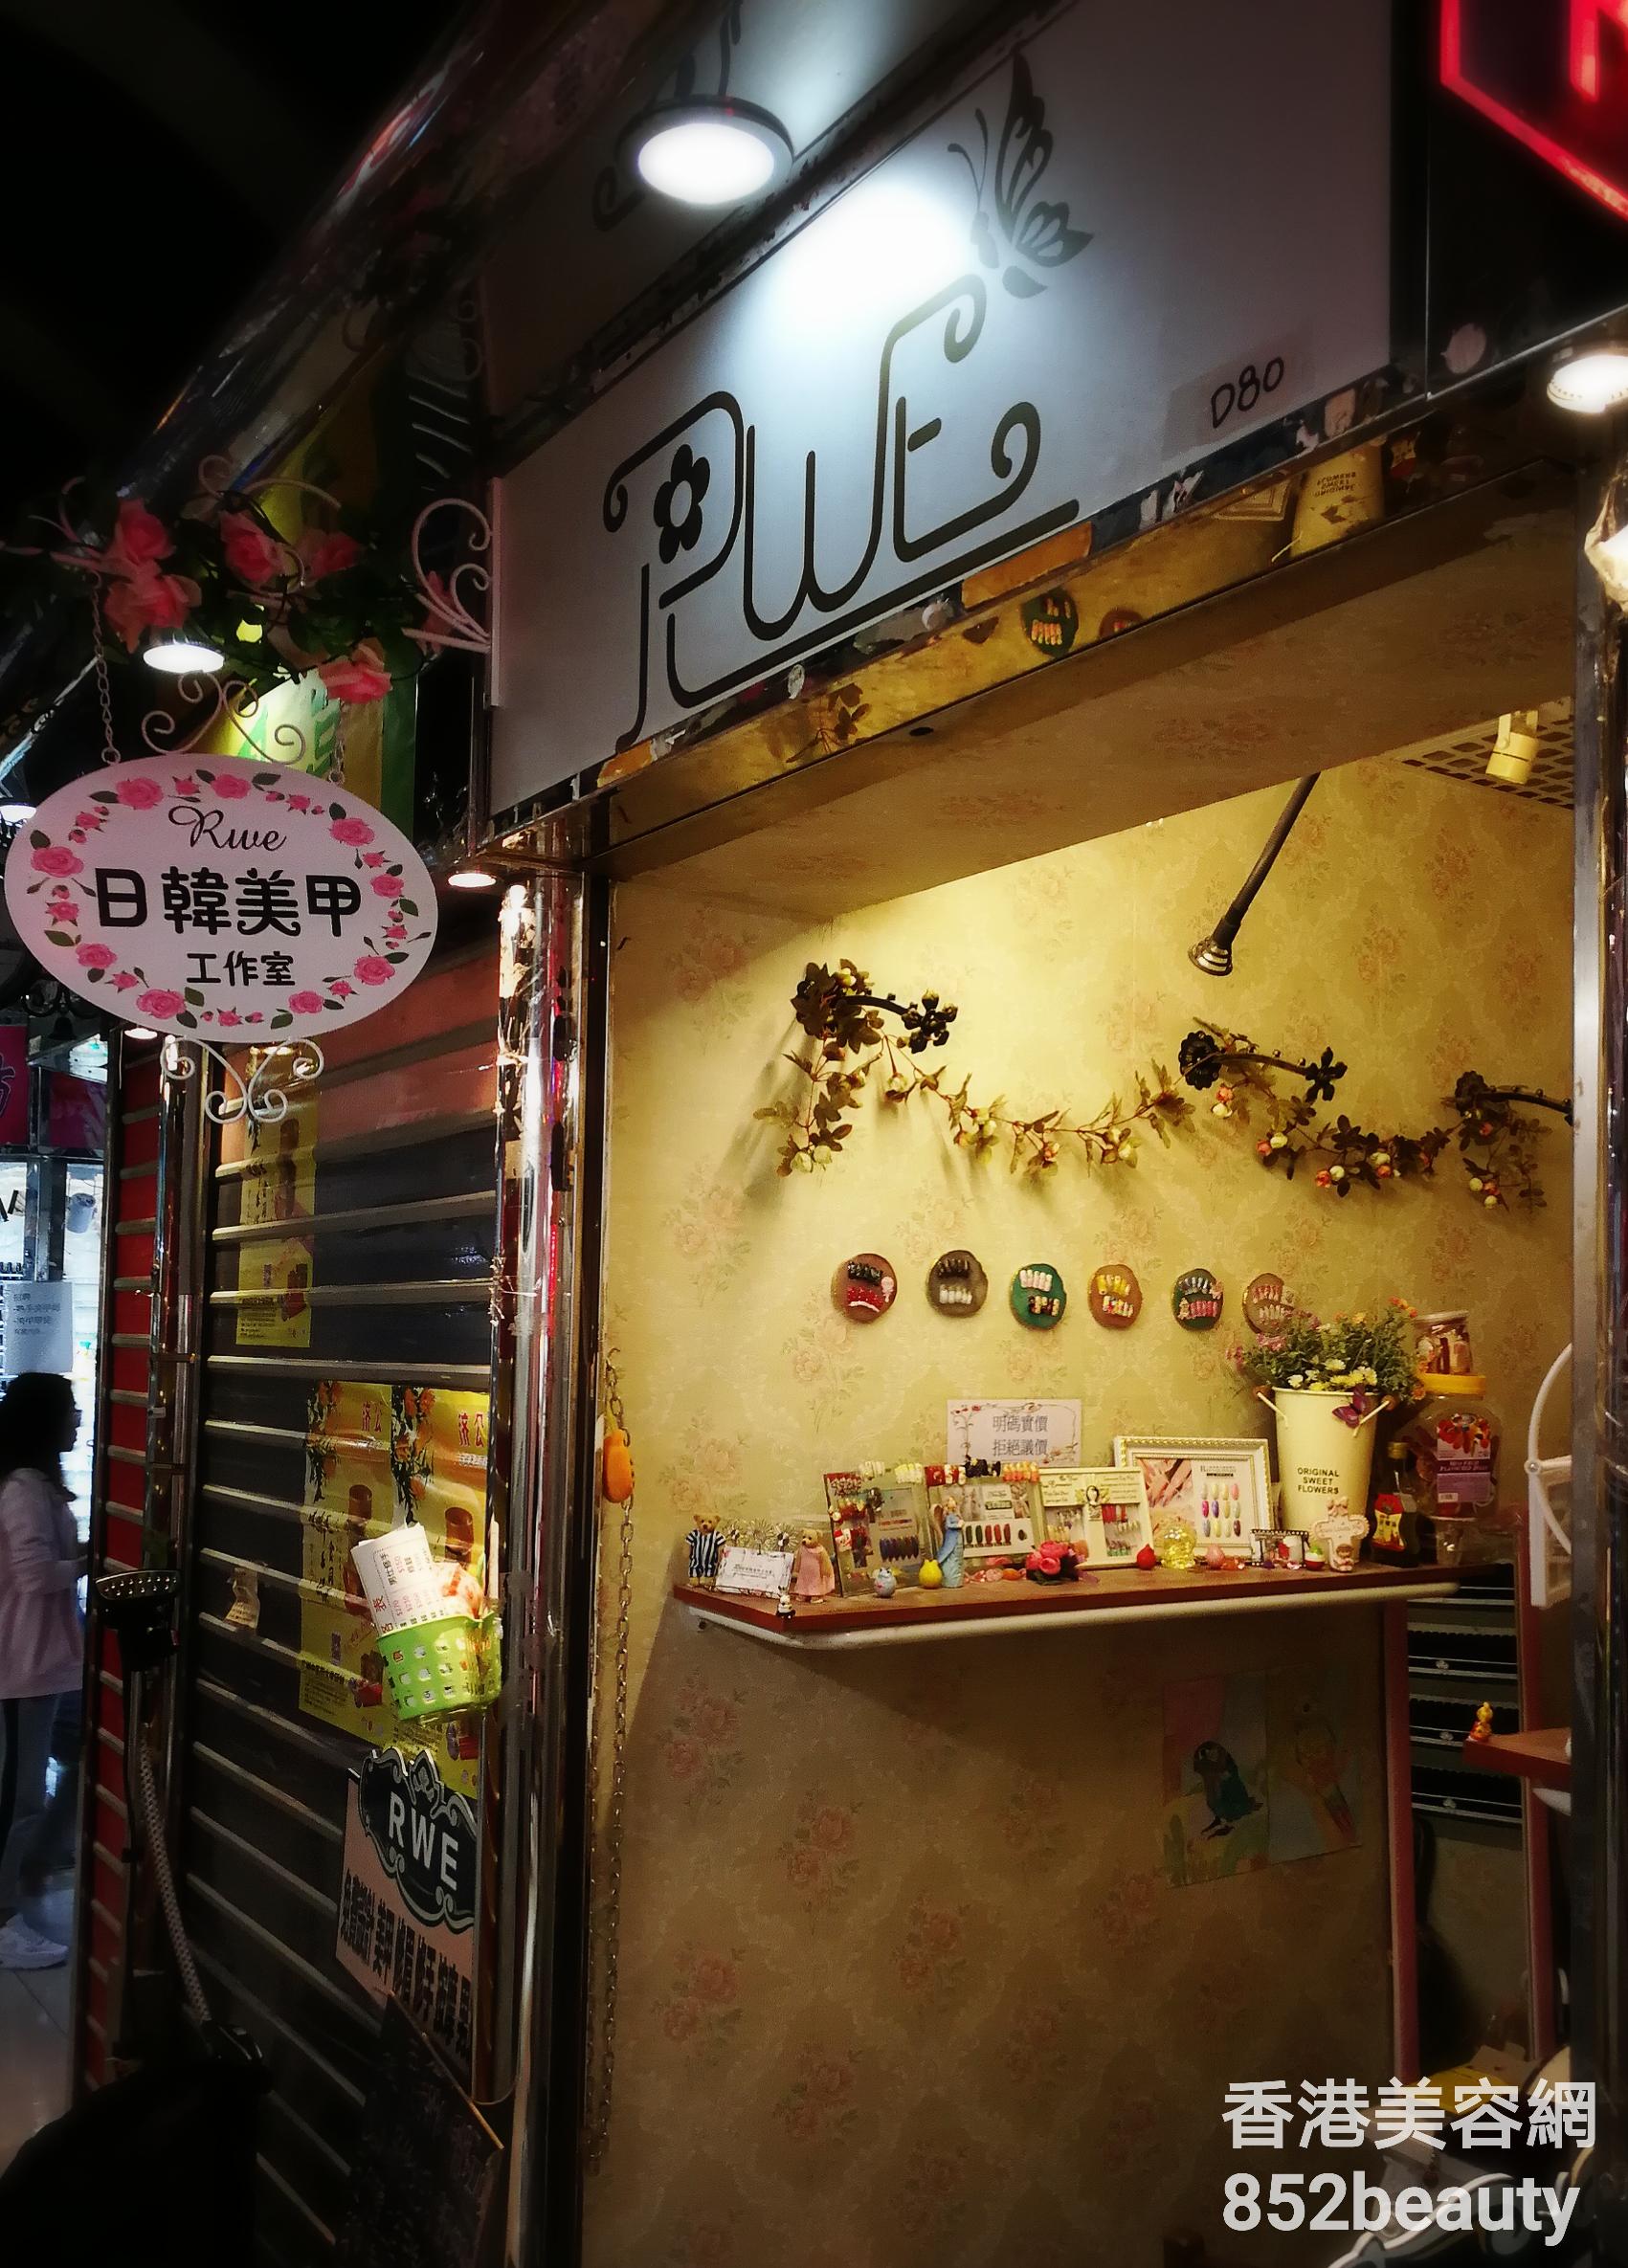 香港美容院 美容師 : Rwe 日韓美甲工作室 @青年創業軍